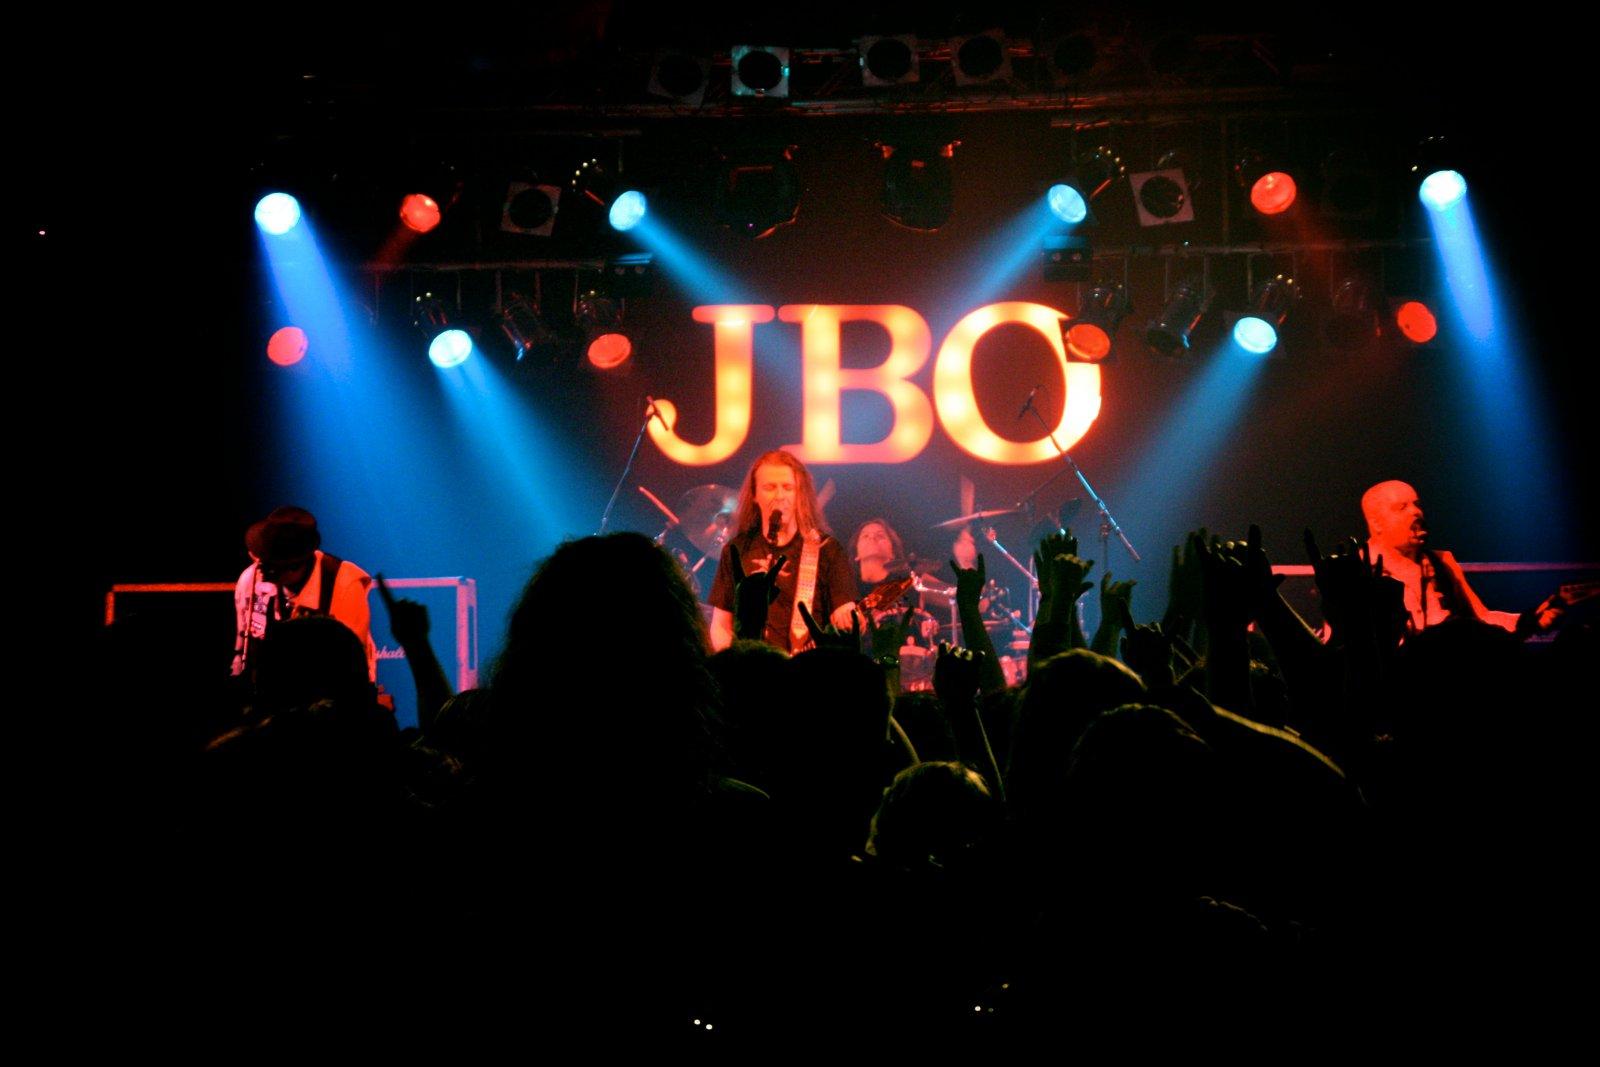 J.B.O. - Lennestadt Sauerlandhalle, 15.05.2010 - Foto von Marc Schwellenbach - 168